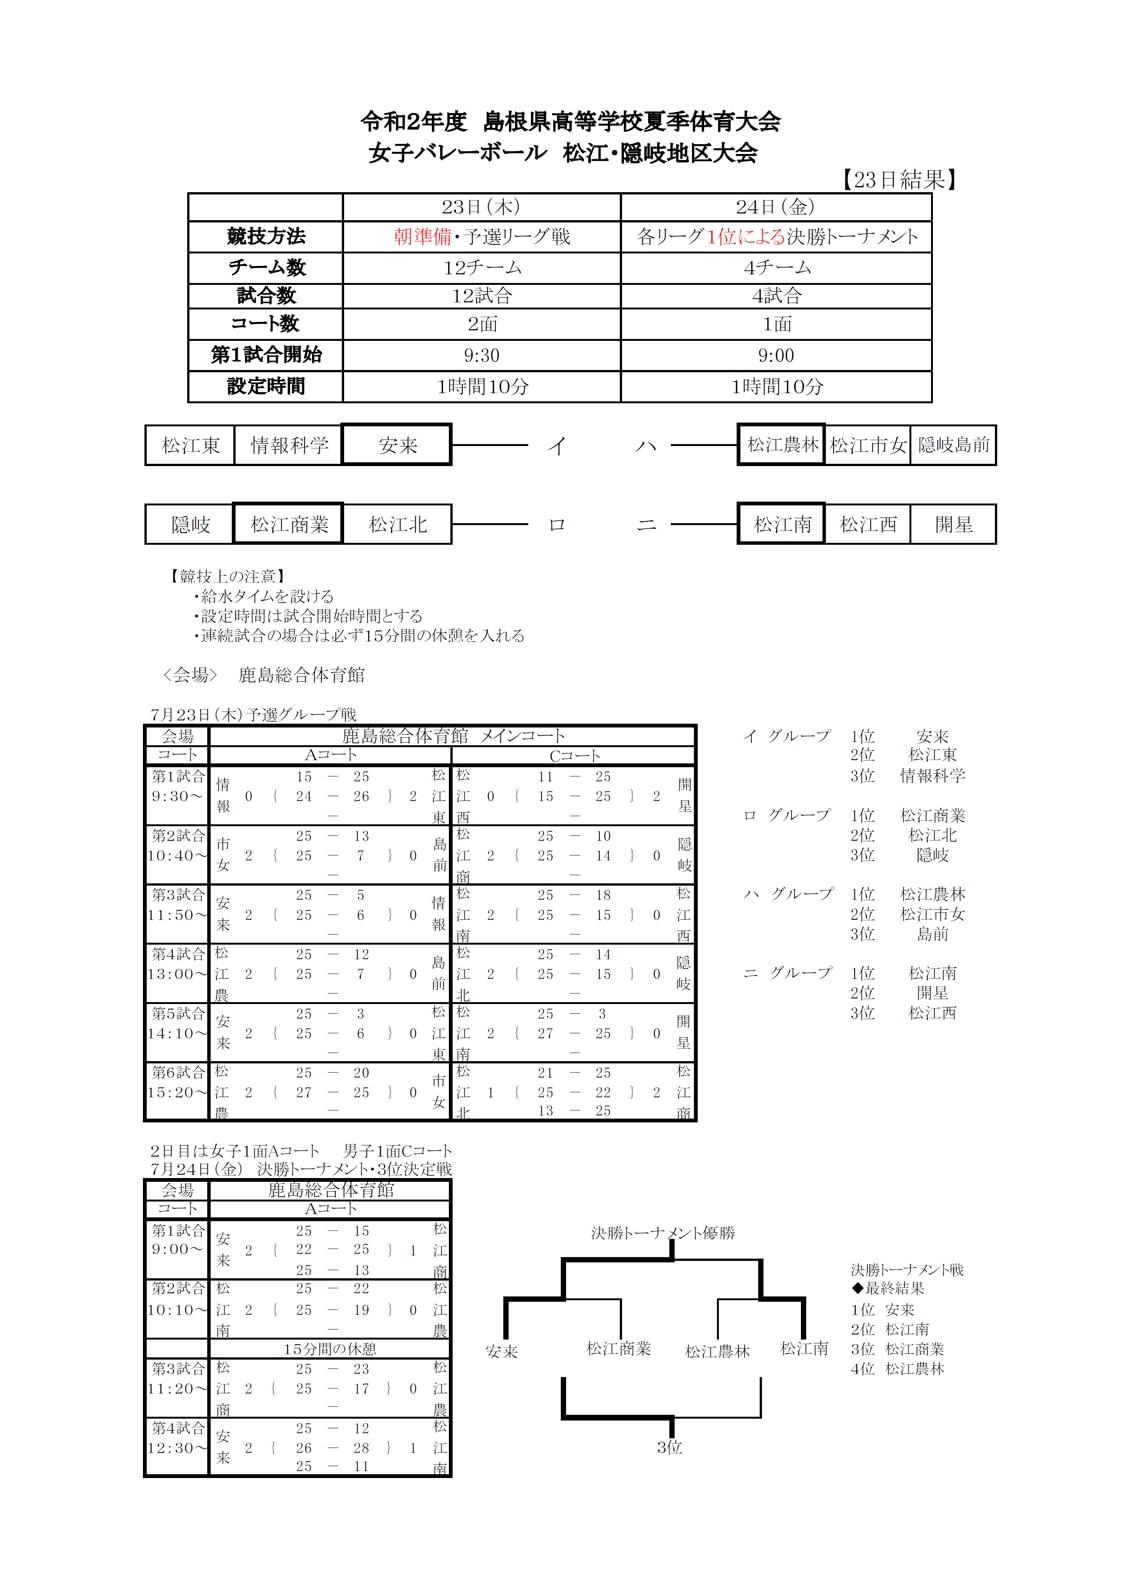 2020_島根代替大会_松江・隠岐地区_女子_結果